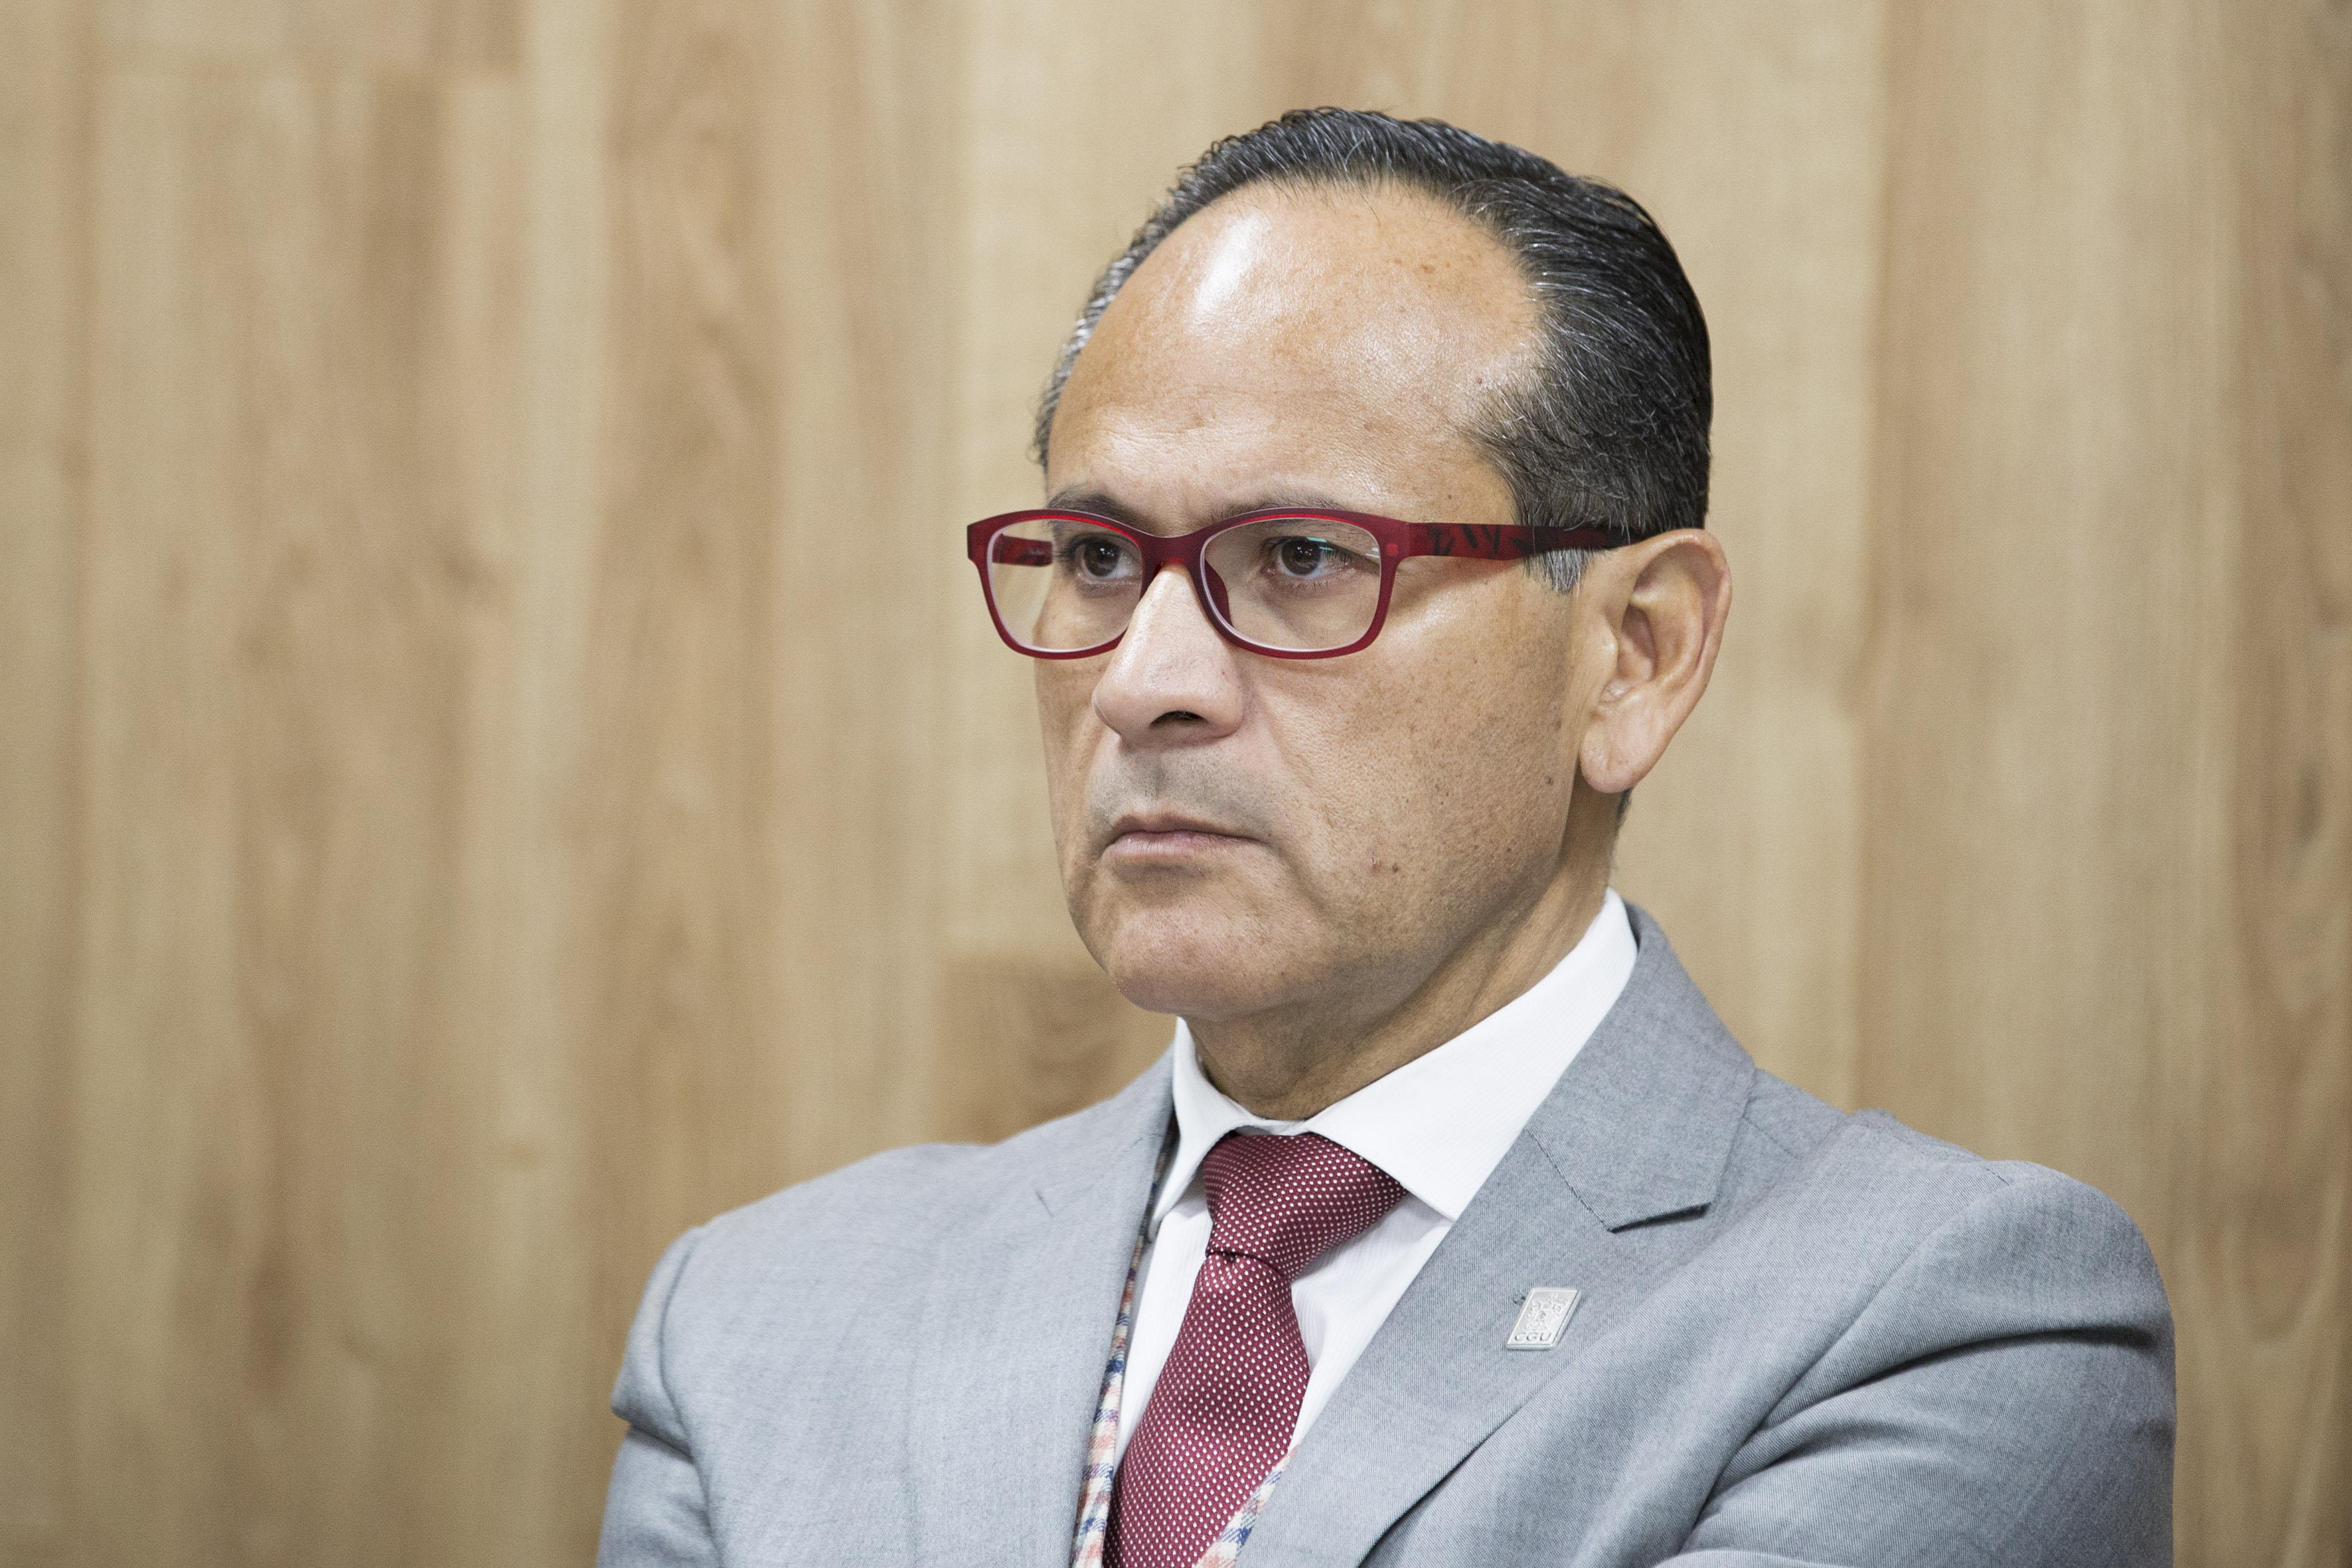 Dr Héctor Raúl Pérez Gómez, Director del OPD participando en rueda de prensa